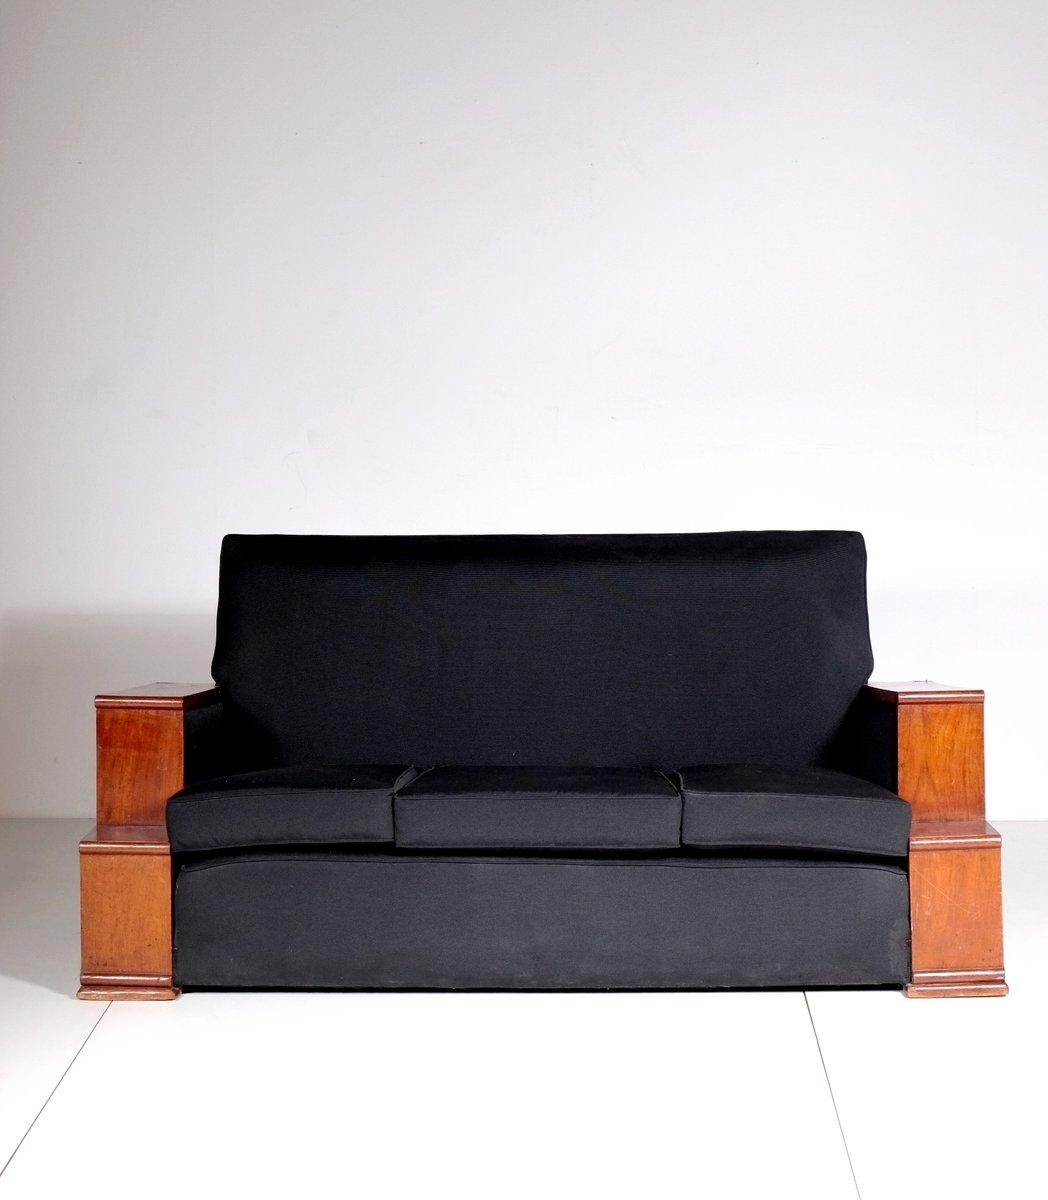 canap art d co vintage en palissandre et coton noir 1930s en vente sur pamono. Black Bedroom Furniture Sets. Home Design Ideas